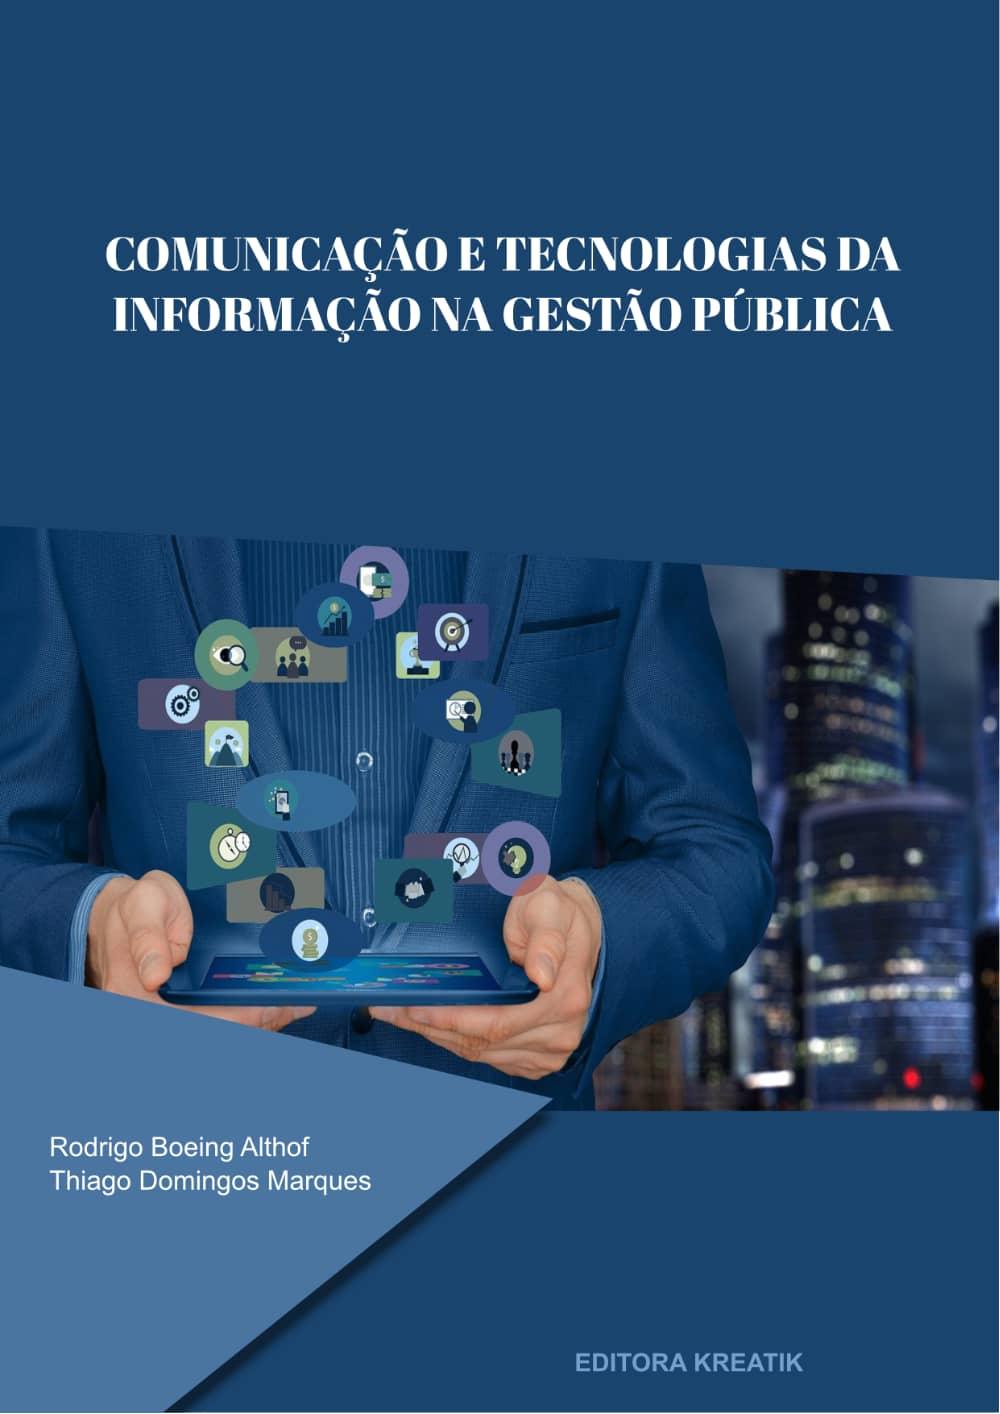 Comunicação-e-tecnologias-da-informação-na-gestão-publica